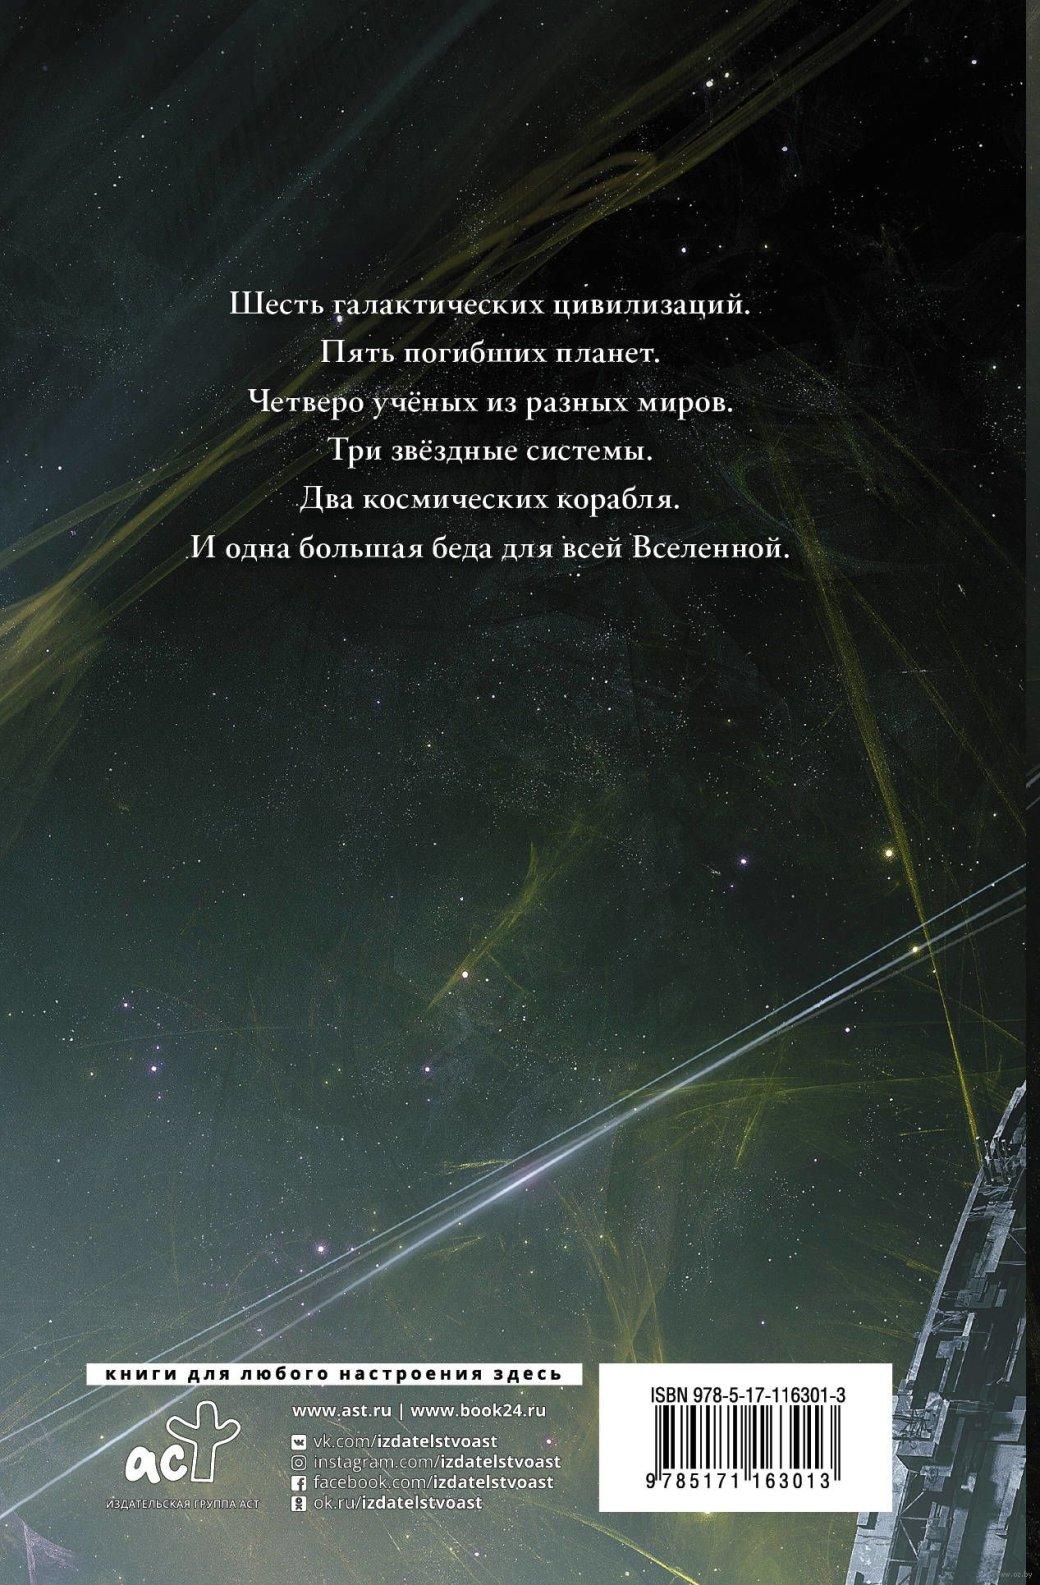 Читаем. Отрывок из«Порога»— нового романа Сергея Лукьяненко